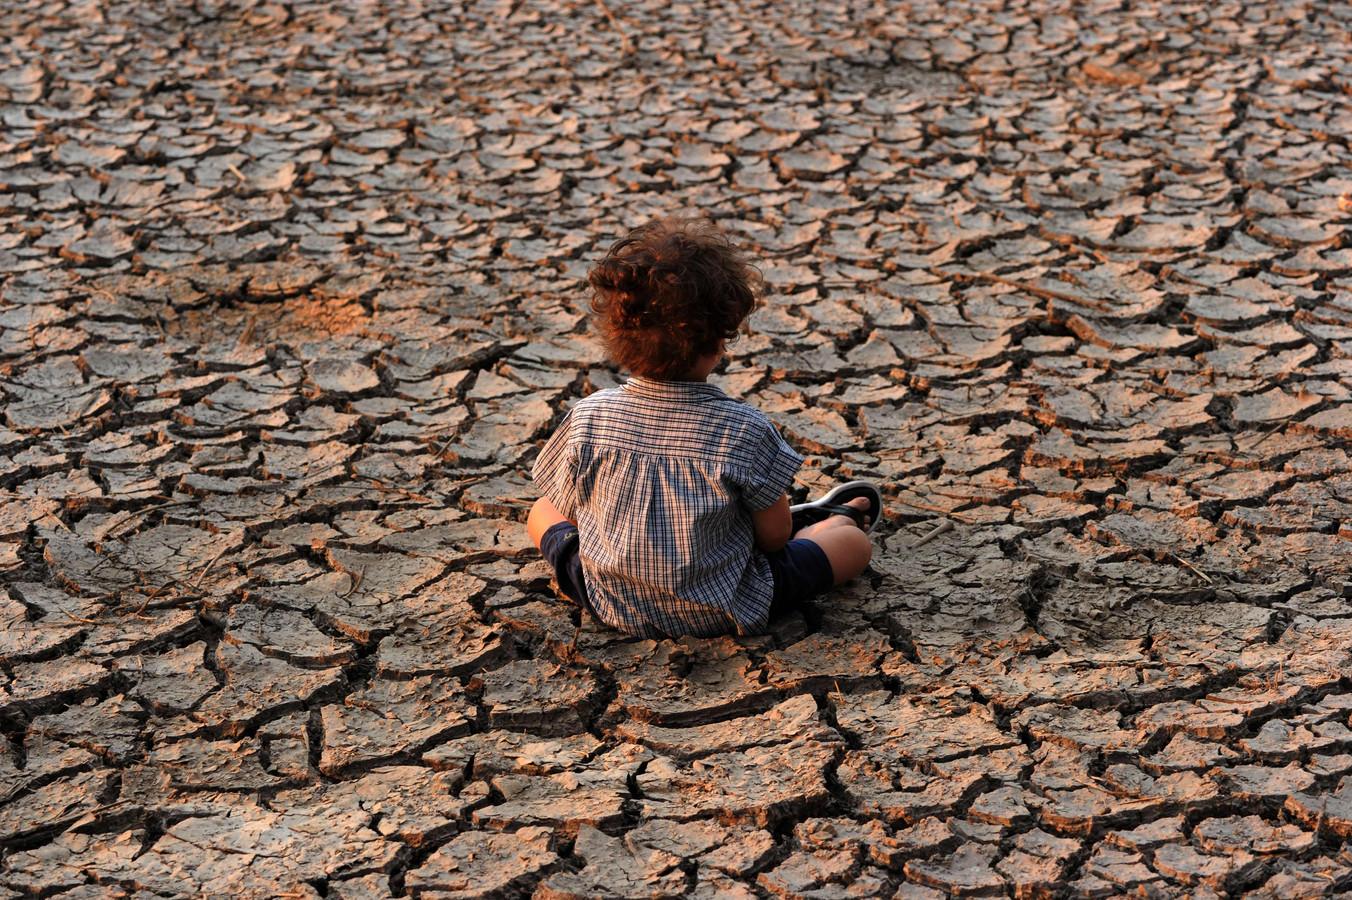 Après une année pandémique, le prochain rapport du Groupe d'experts intergouvernemental sur l'évolution du climat offre une vision affligeante des décennies à venir.